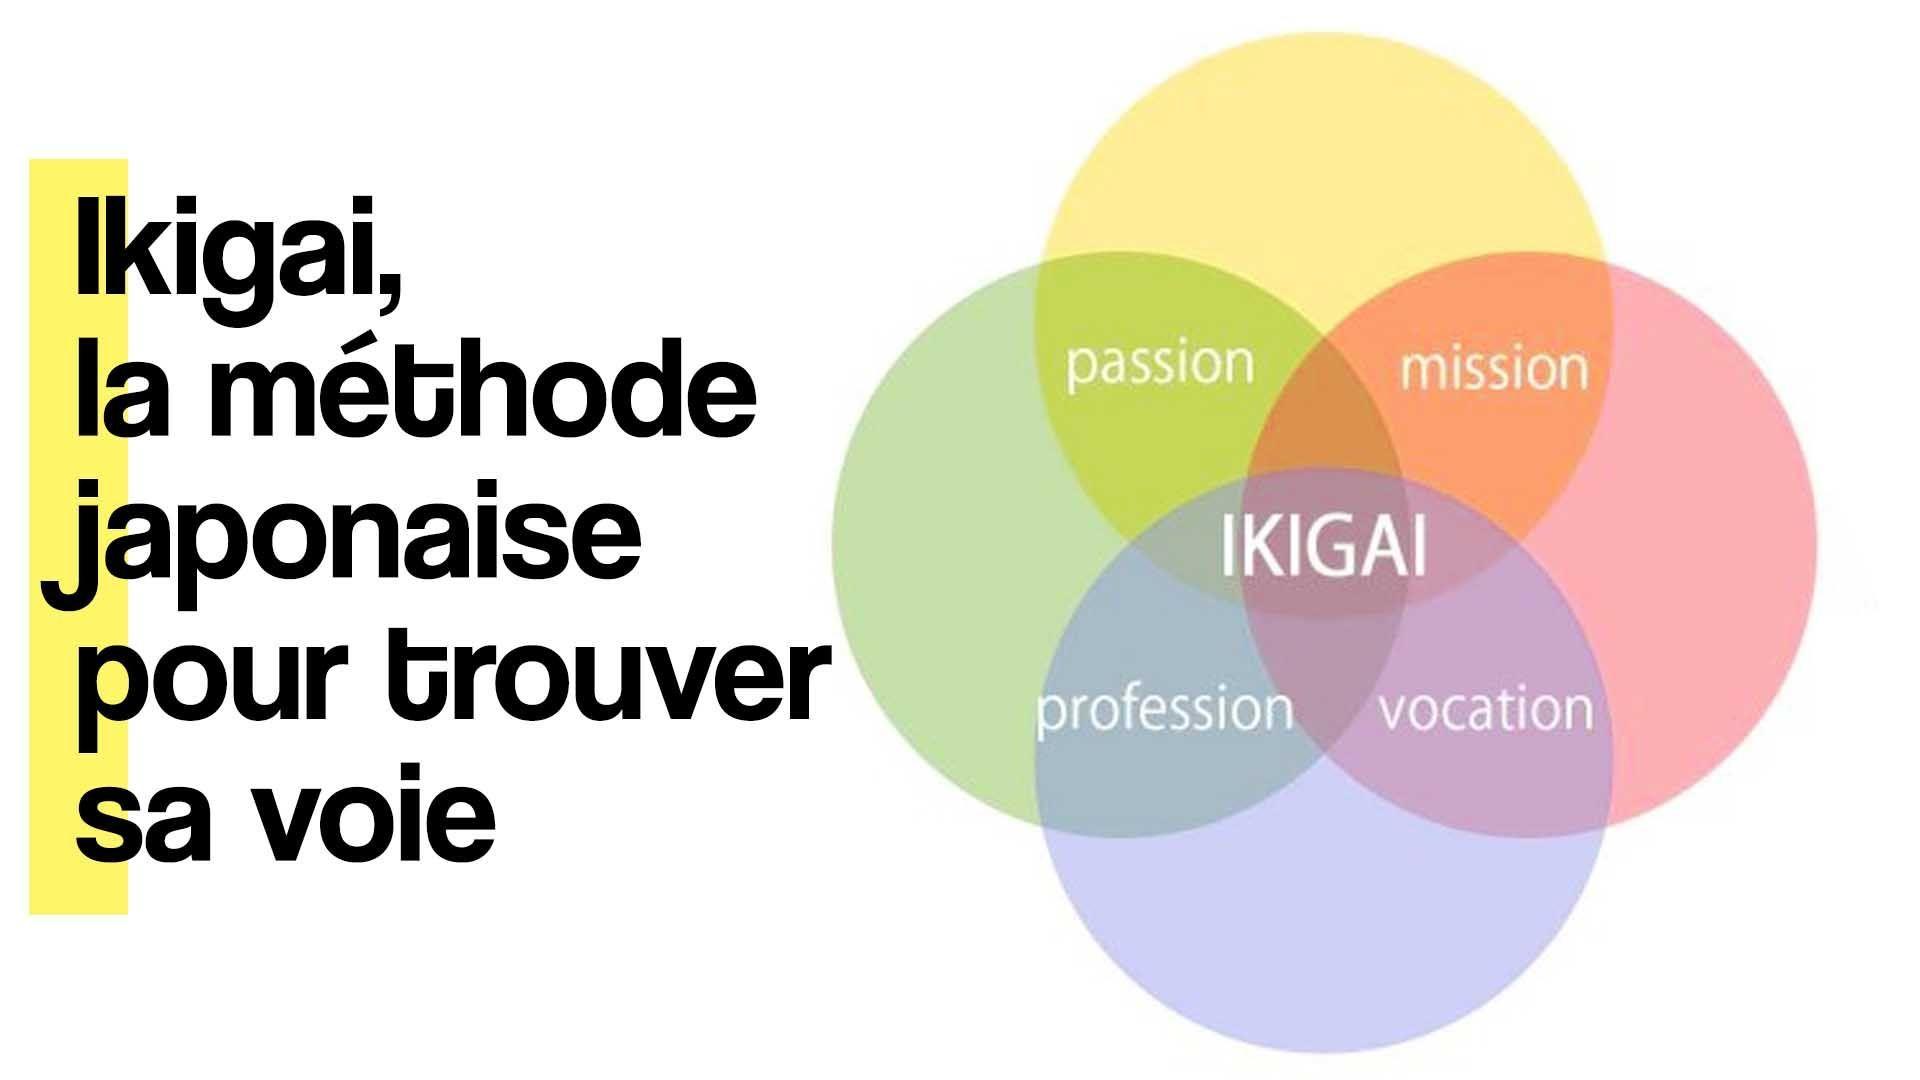 Ikigai, la méthode japonaise pour trouver sa voie